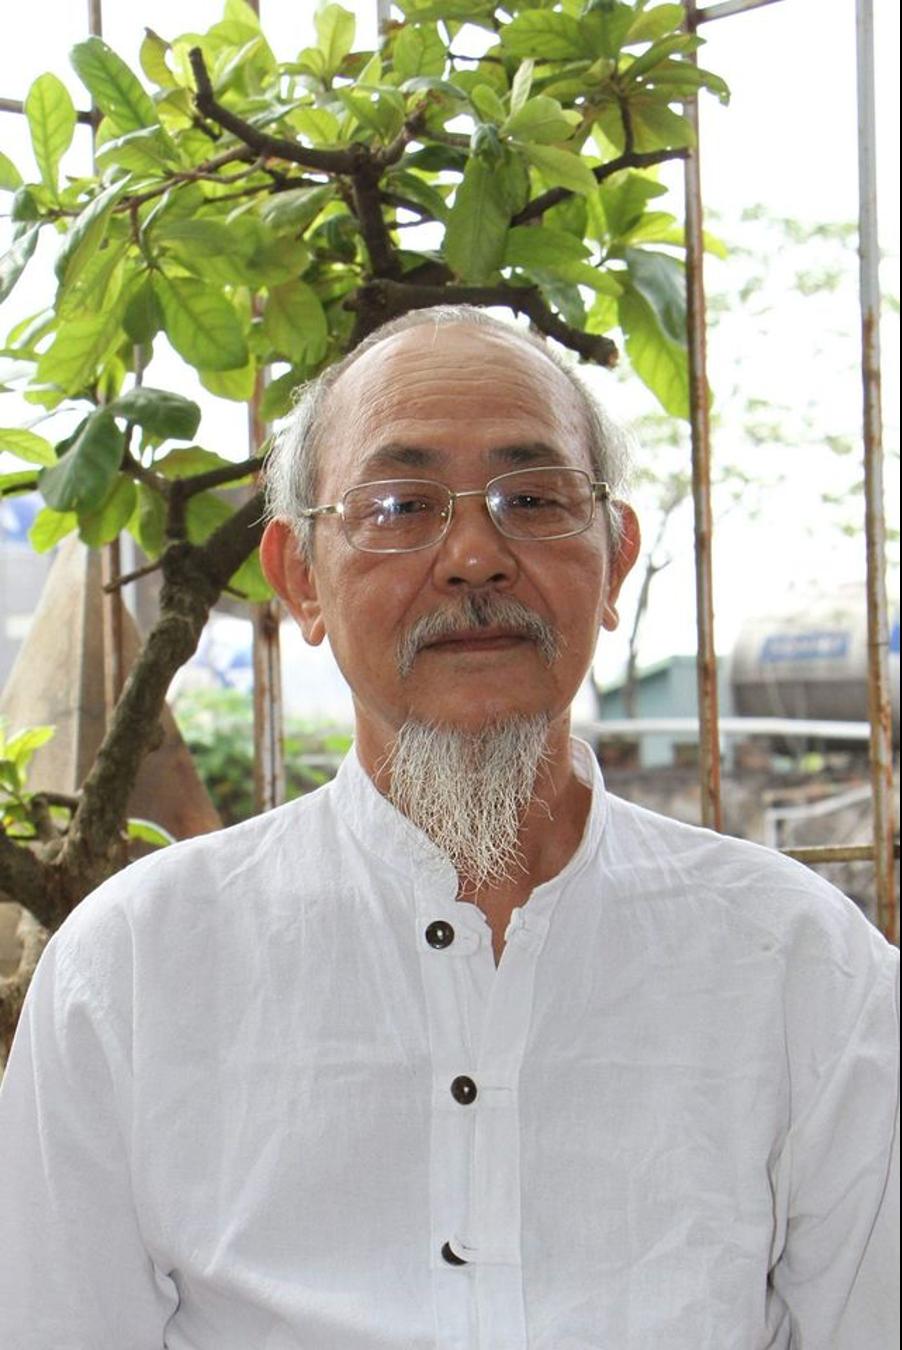 Nhà văn Phạm Thành bị đưa vào bệnh viện tâm thần, nhà báo tự do Nguyễn Văn Hoá tuyệt thực